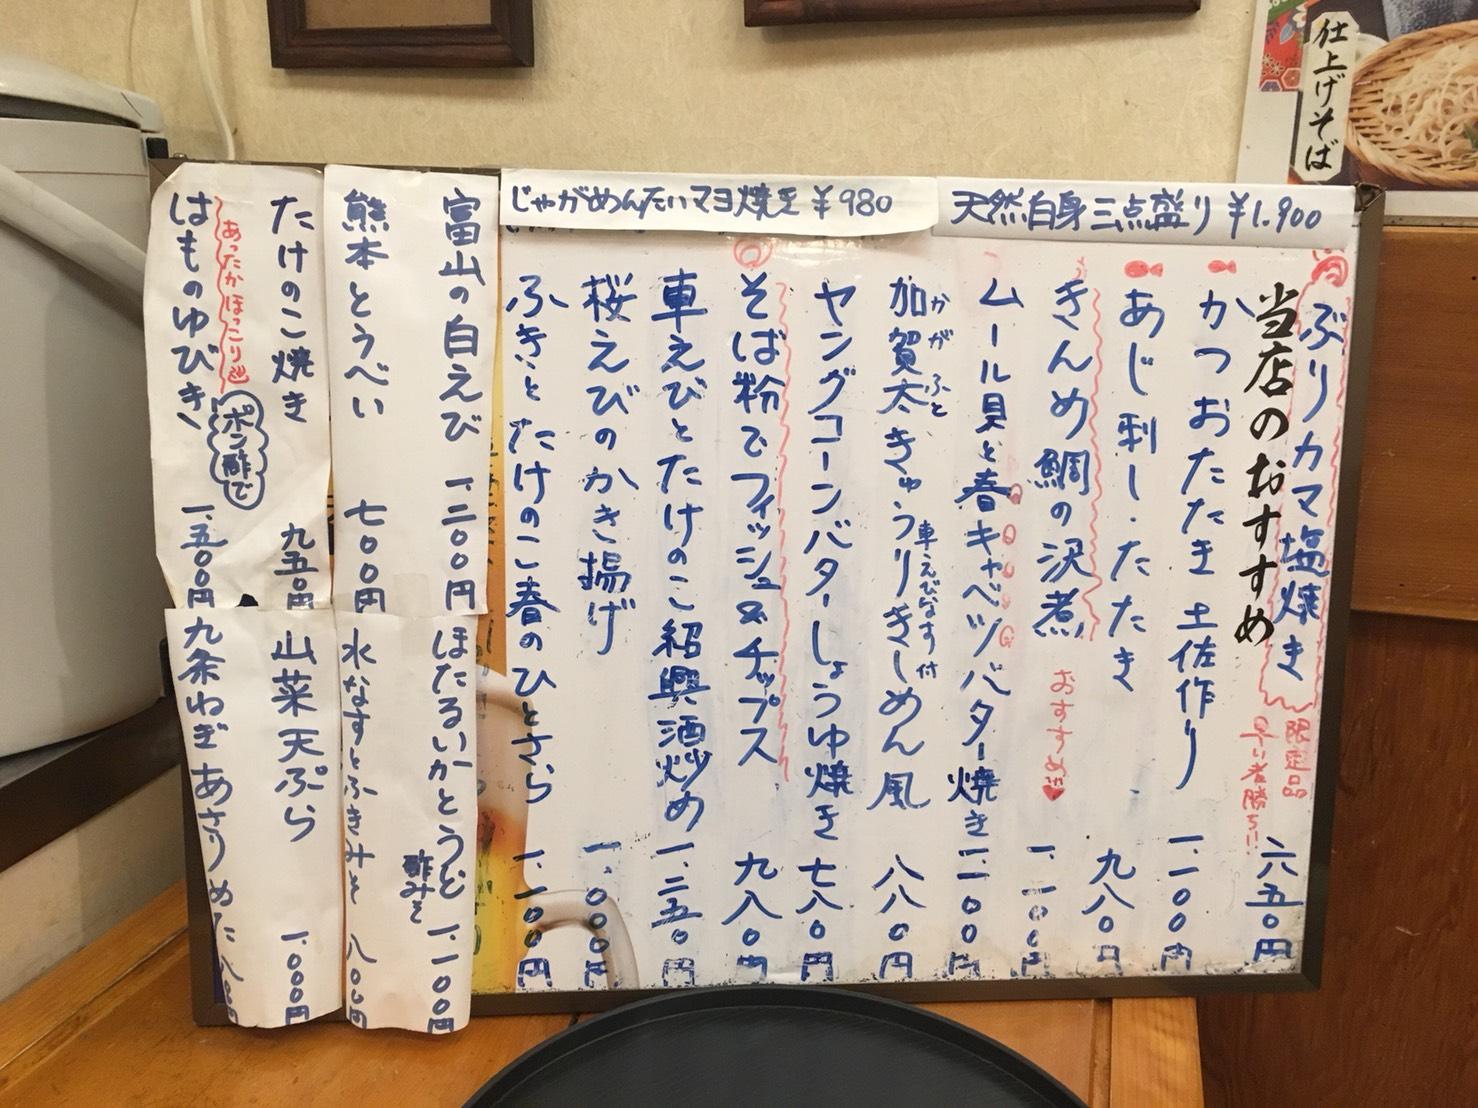 【池袋駅】生蕎麦とだし巻き玉子がしあわせ「浅野屋 池袋駅前本店」の当店のおすすめメニュー